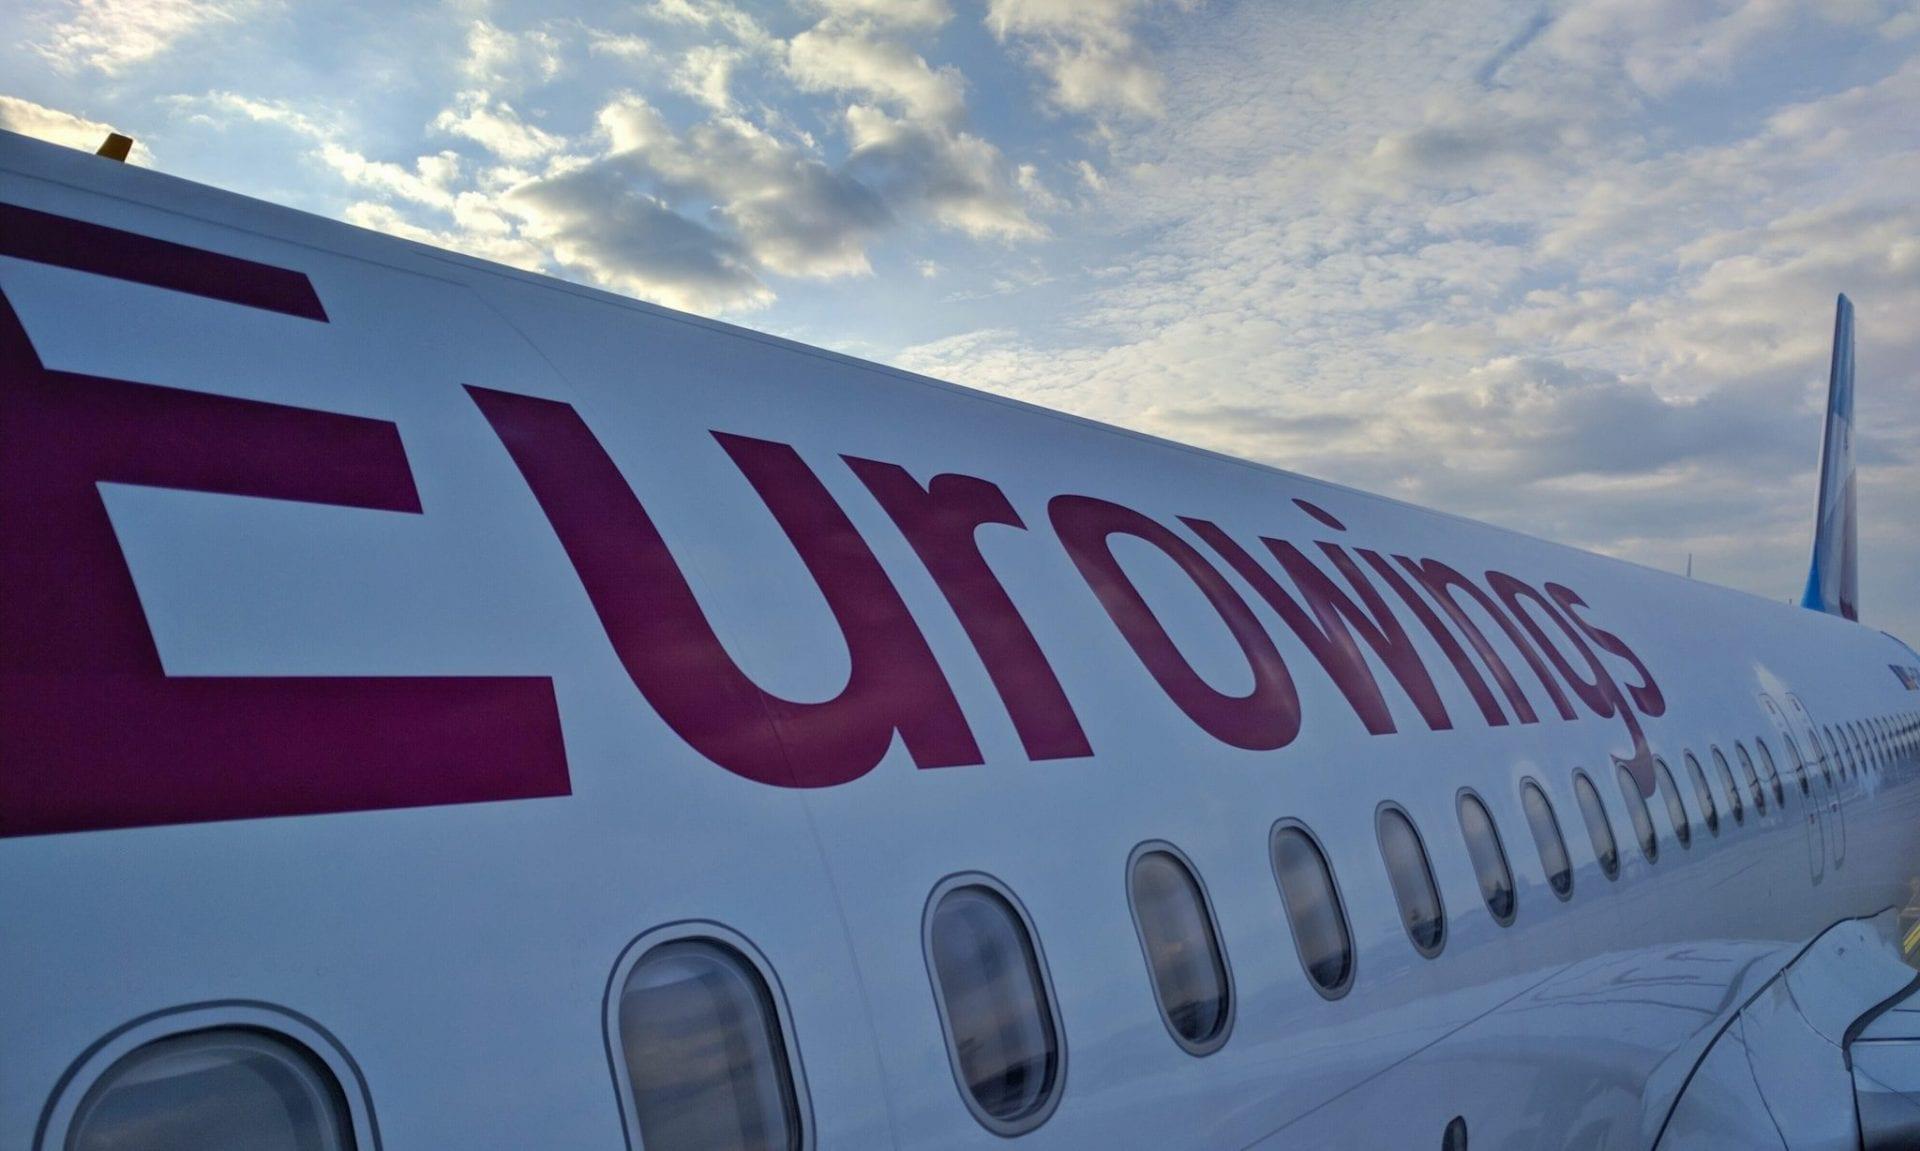 Die Verschiedenen Tarife Bei Eurowings